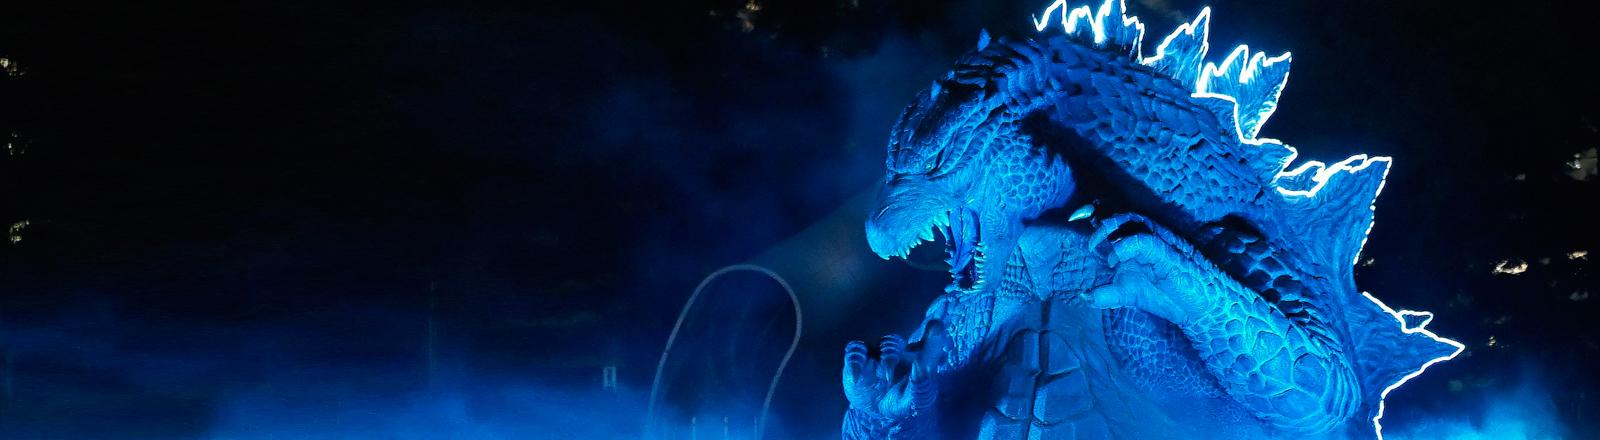 Am 17.7.2014 terrorisiert eine Godzilla-Statue einen Stadtteil von Tokio.